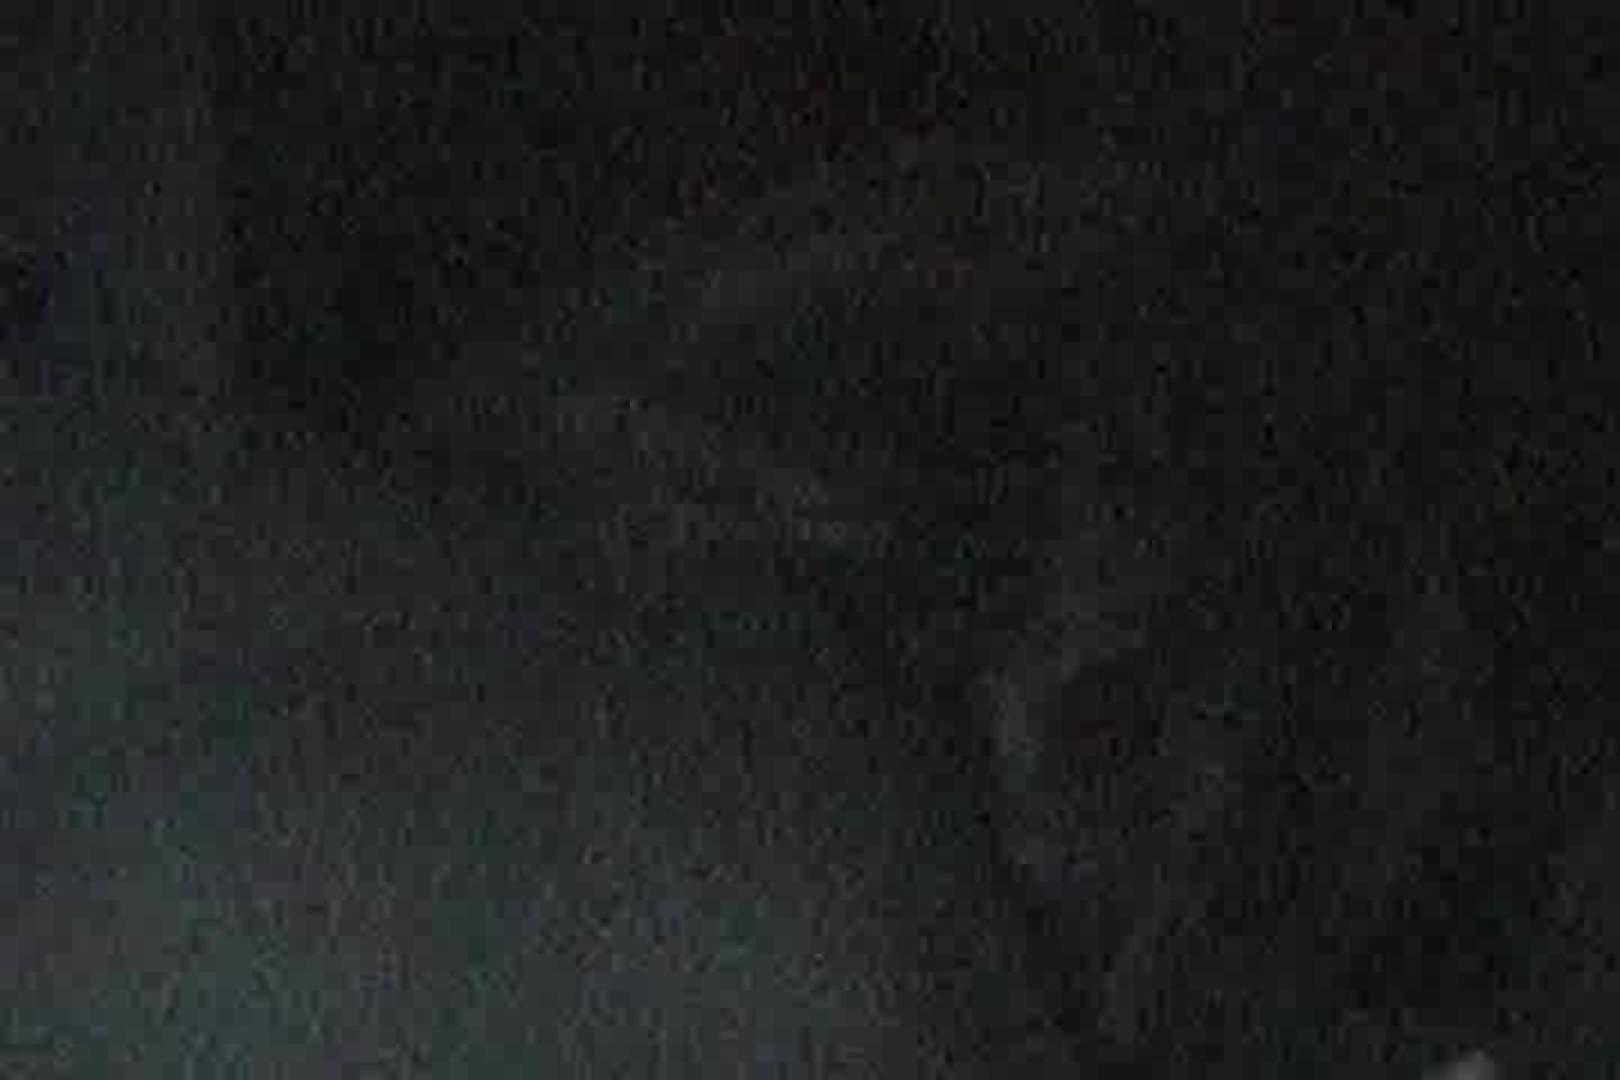 充血監督の深夜の運動会Vol.21 車 覗きおまんこ画像 45PICs 44